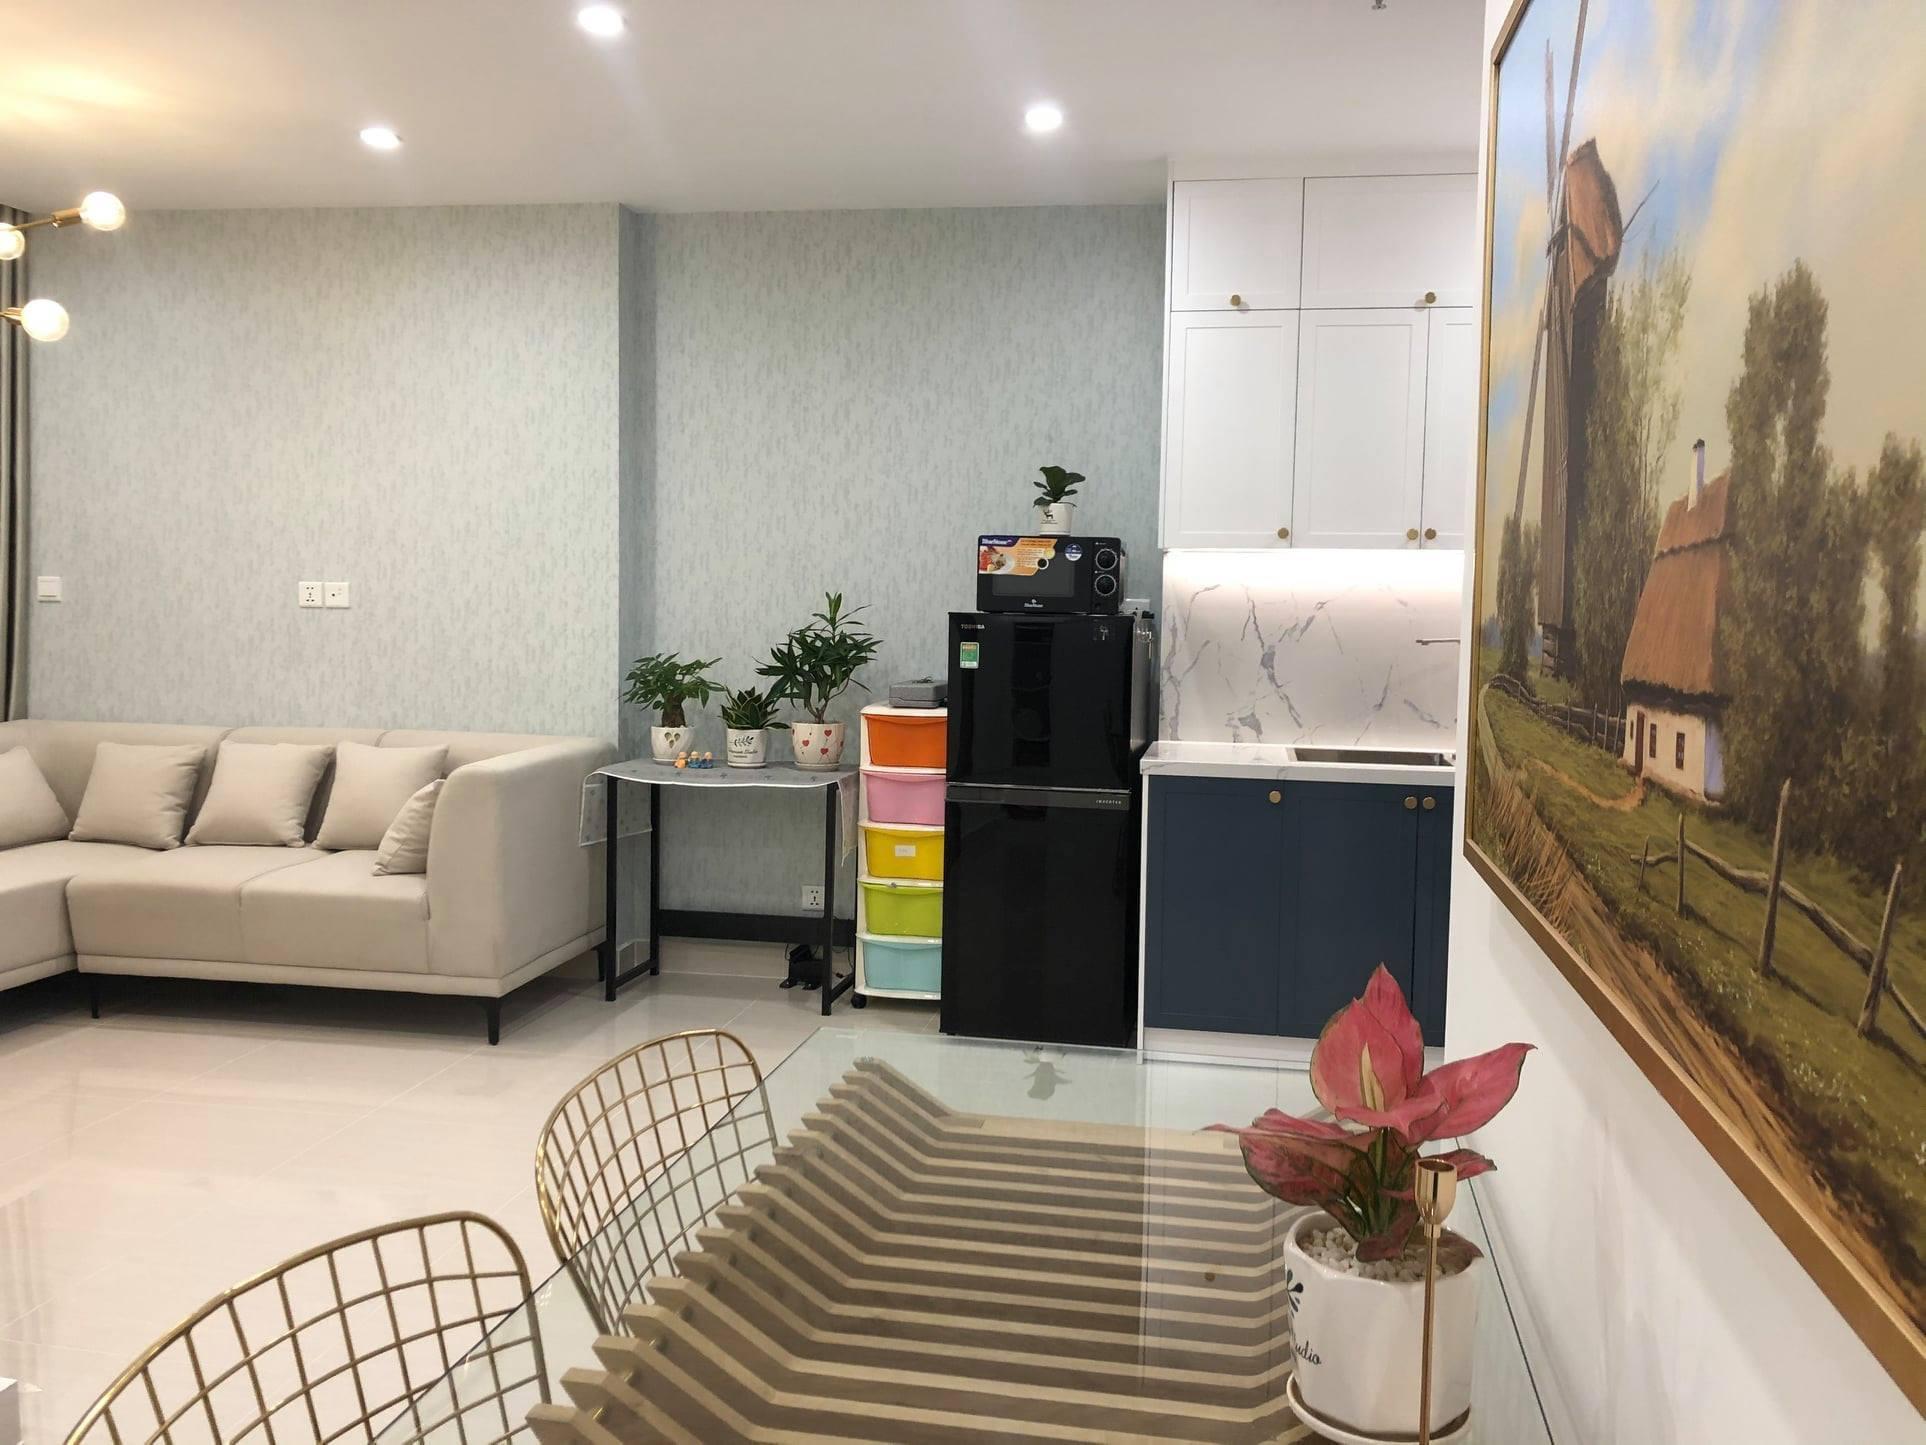 Cho thuê căn 1 phòng ngủ 47m2 toà S1.06 Vinhomes Grand Park 6tr 1